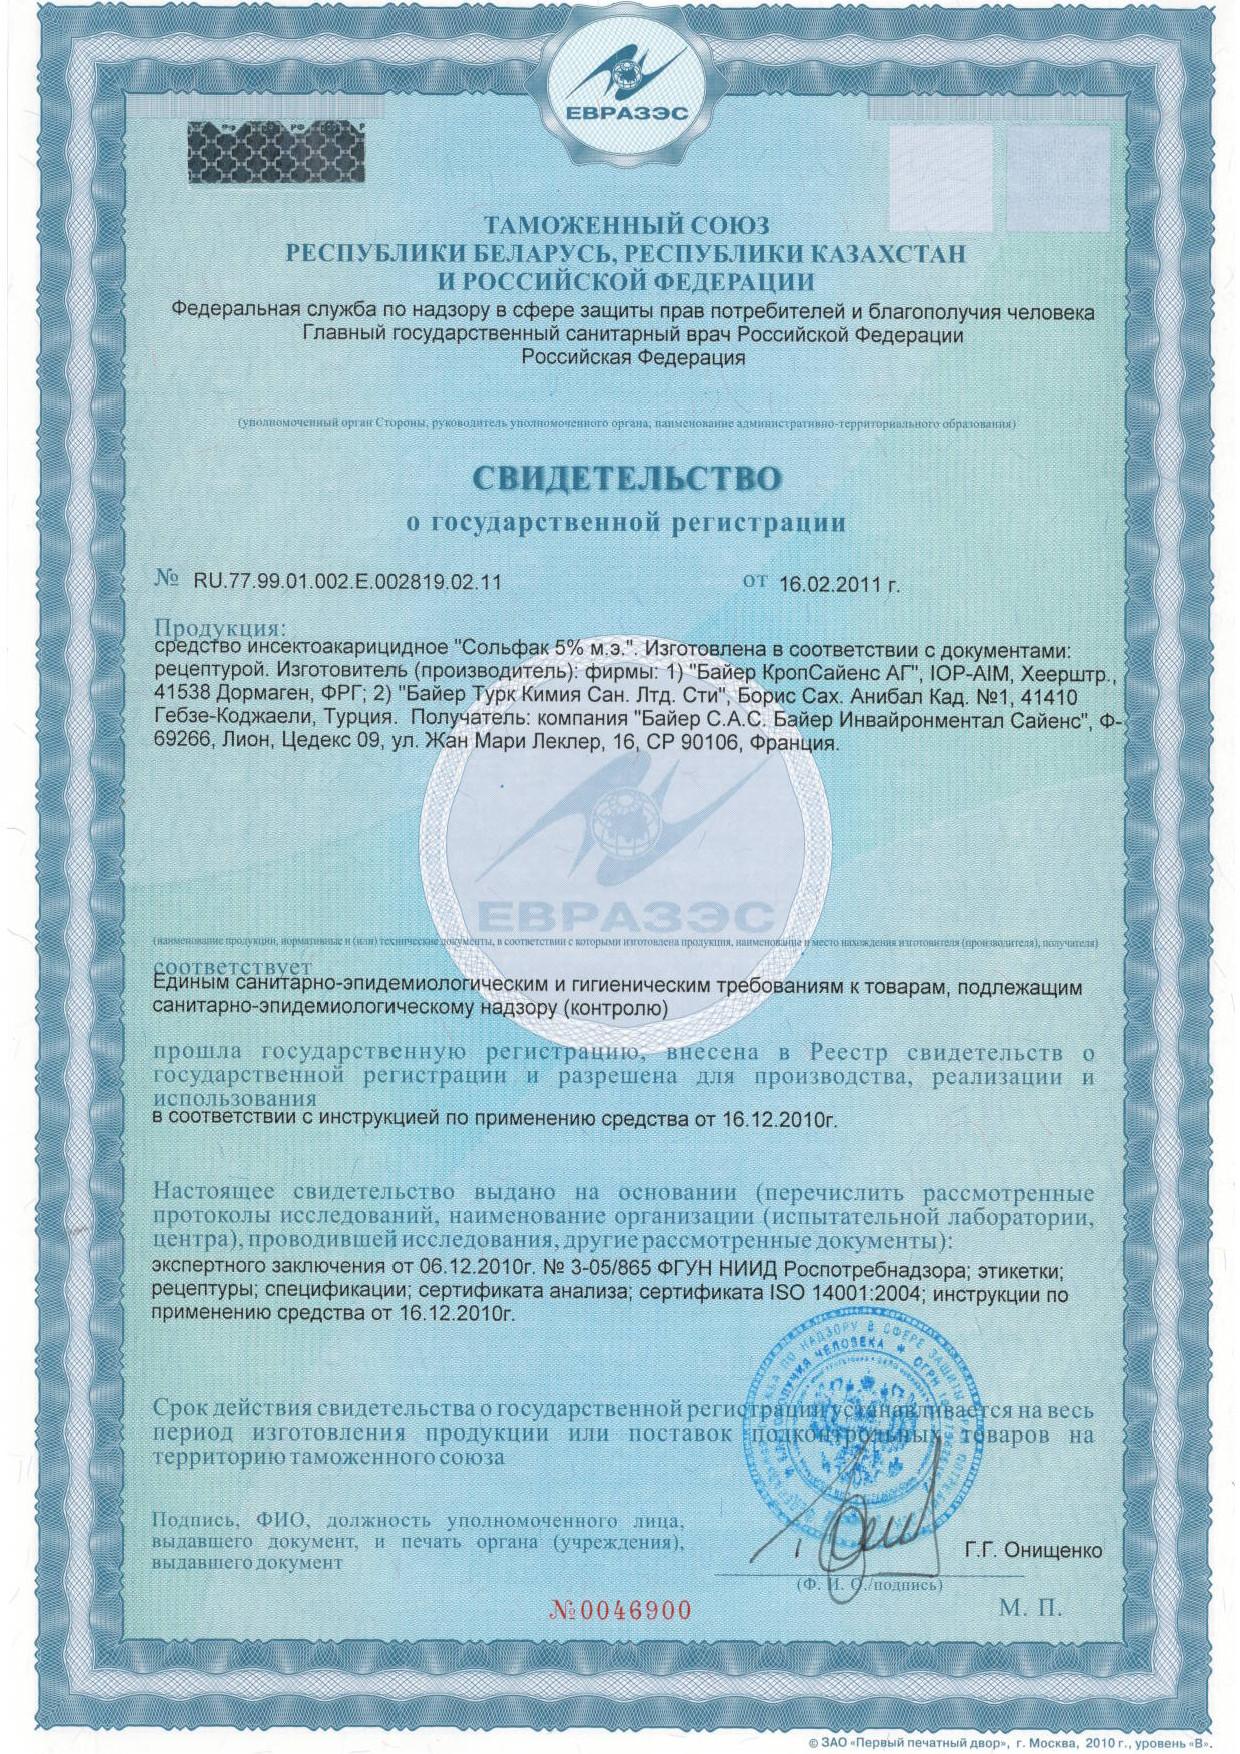 СОЛЬФАК – свидетельство о гос. регистрации